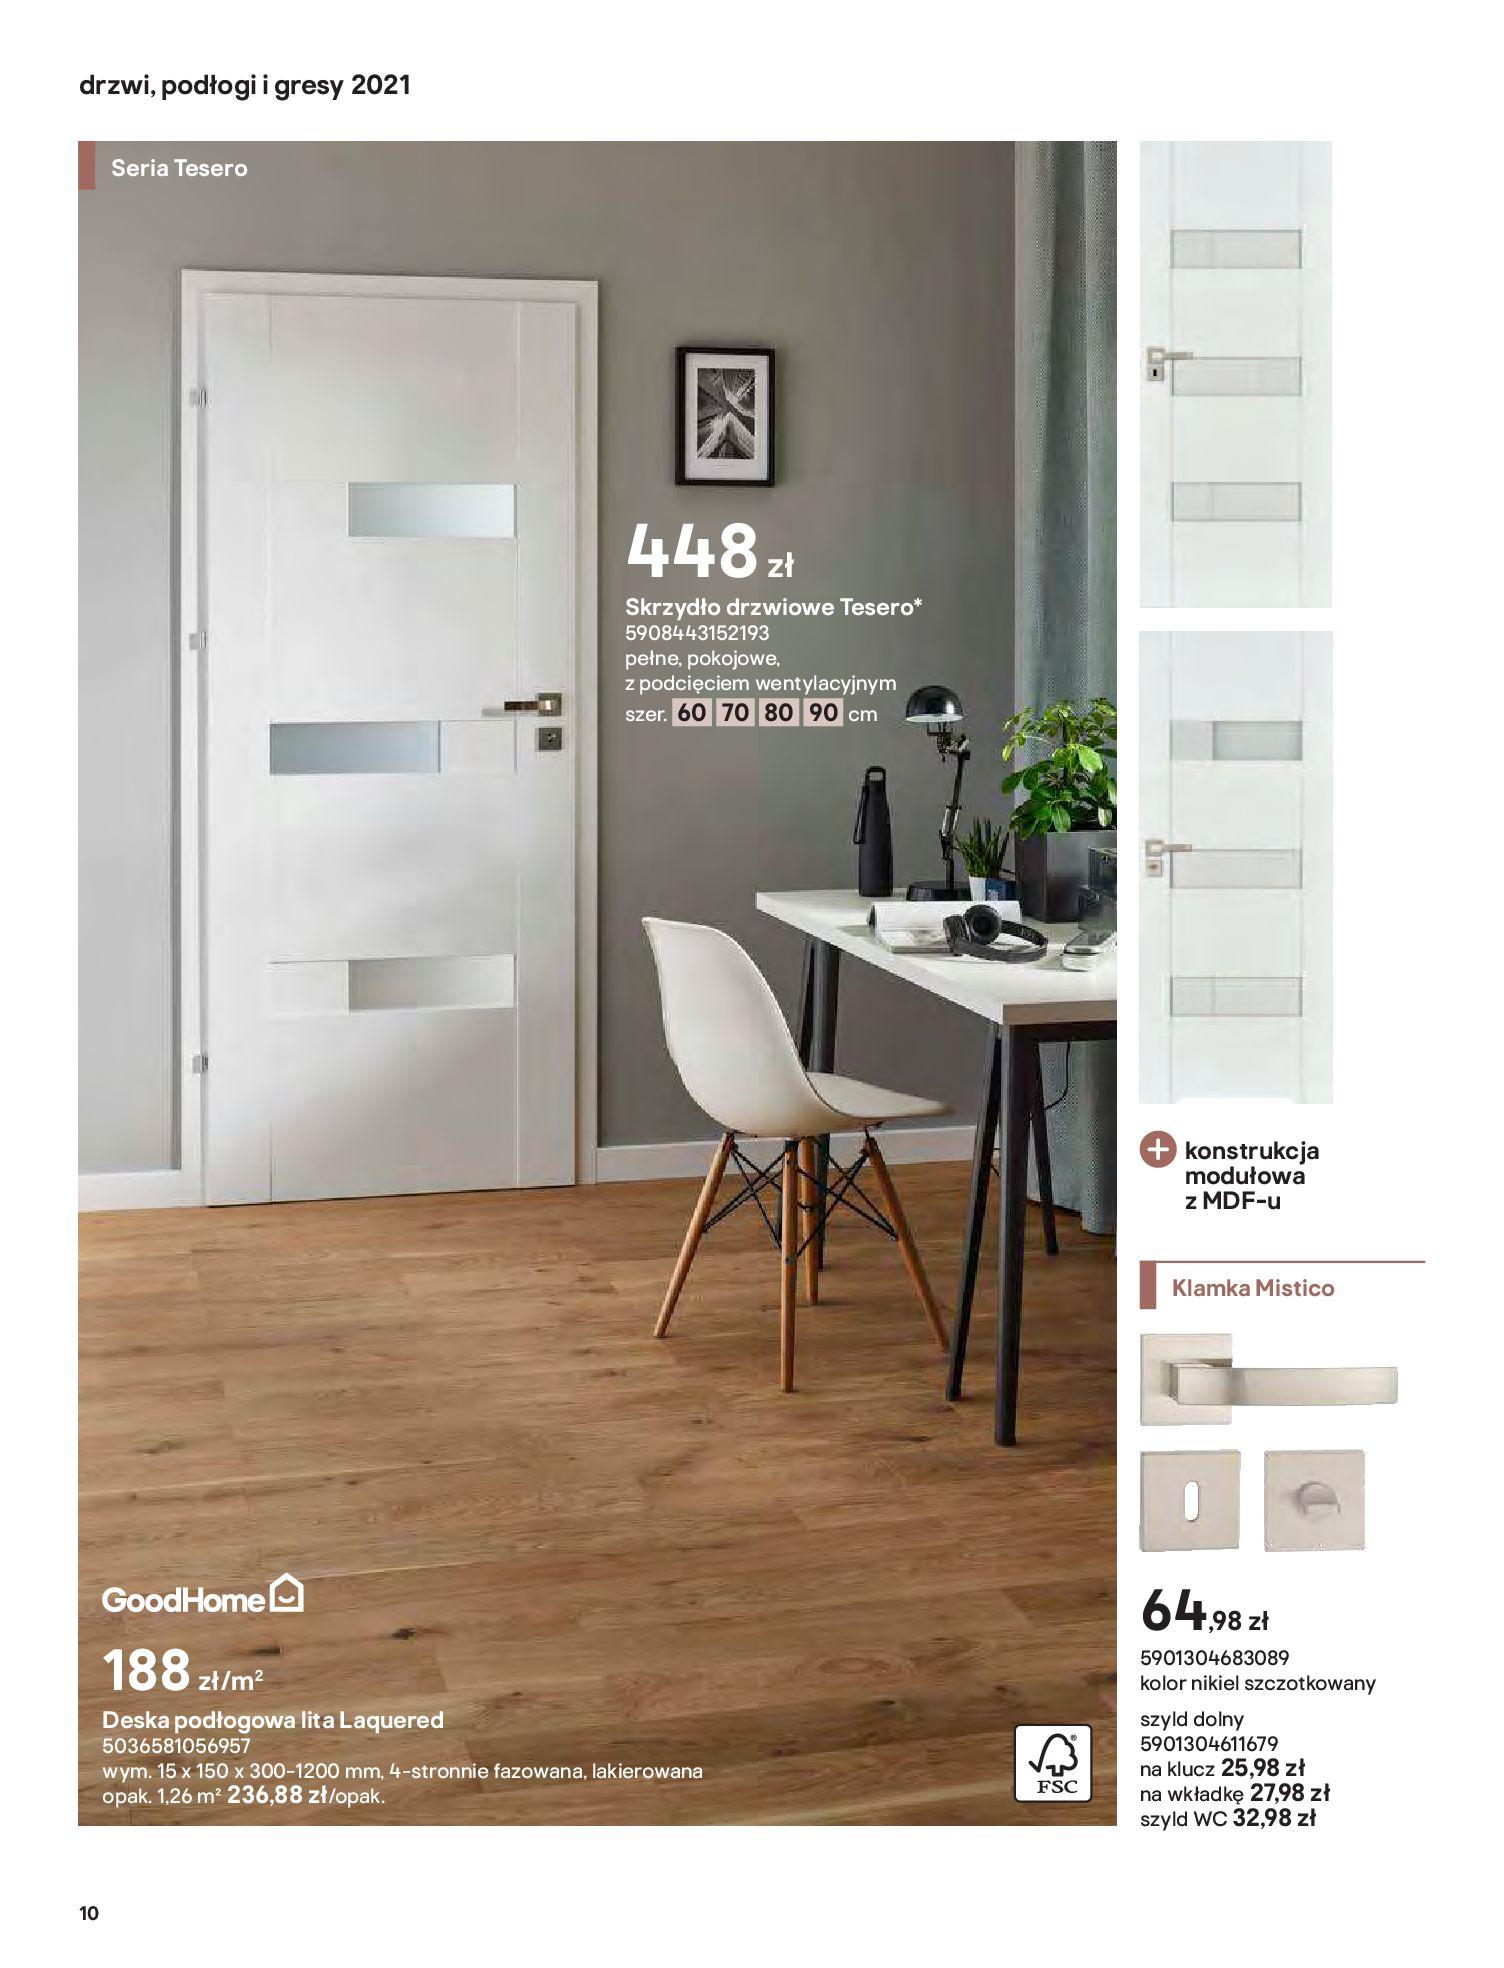 Gazetka Castorama: Gazetka Castorama - Przewodnik drzwi i podłogi 2021 2021-08-11 page-10